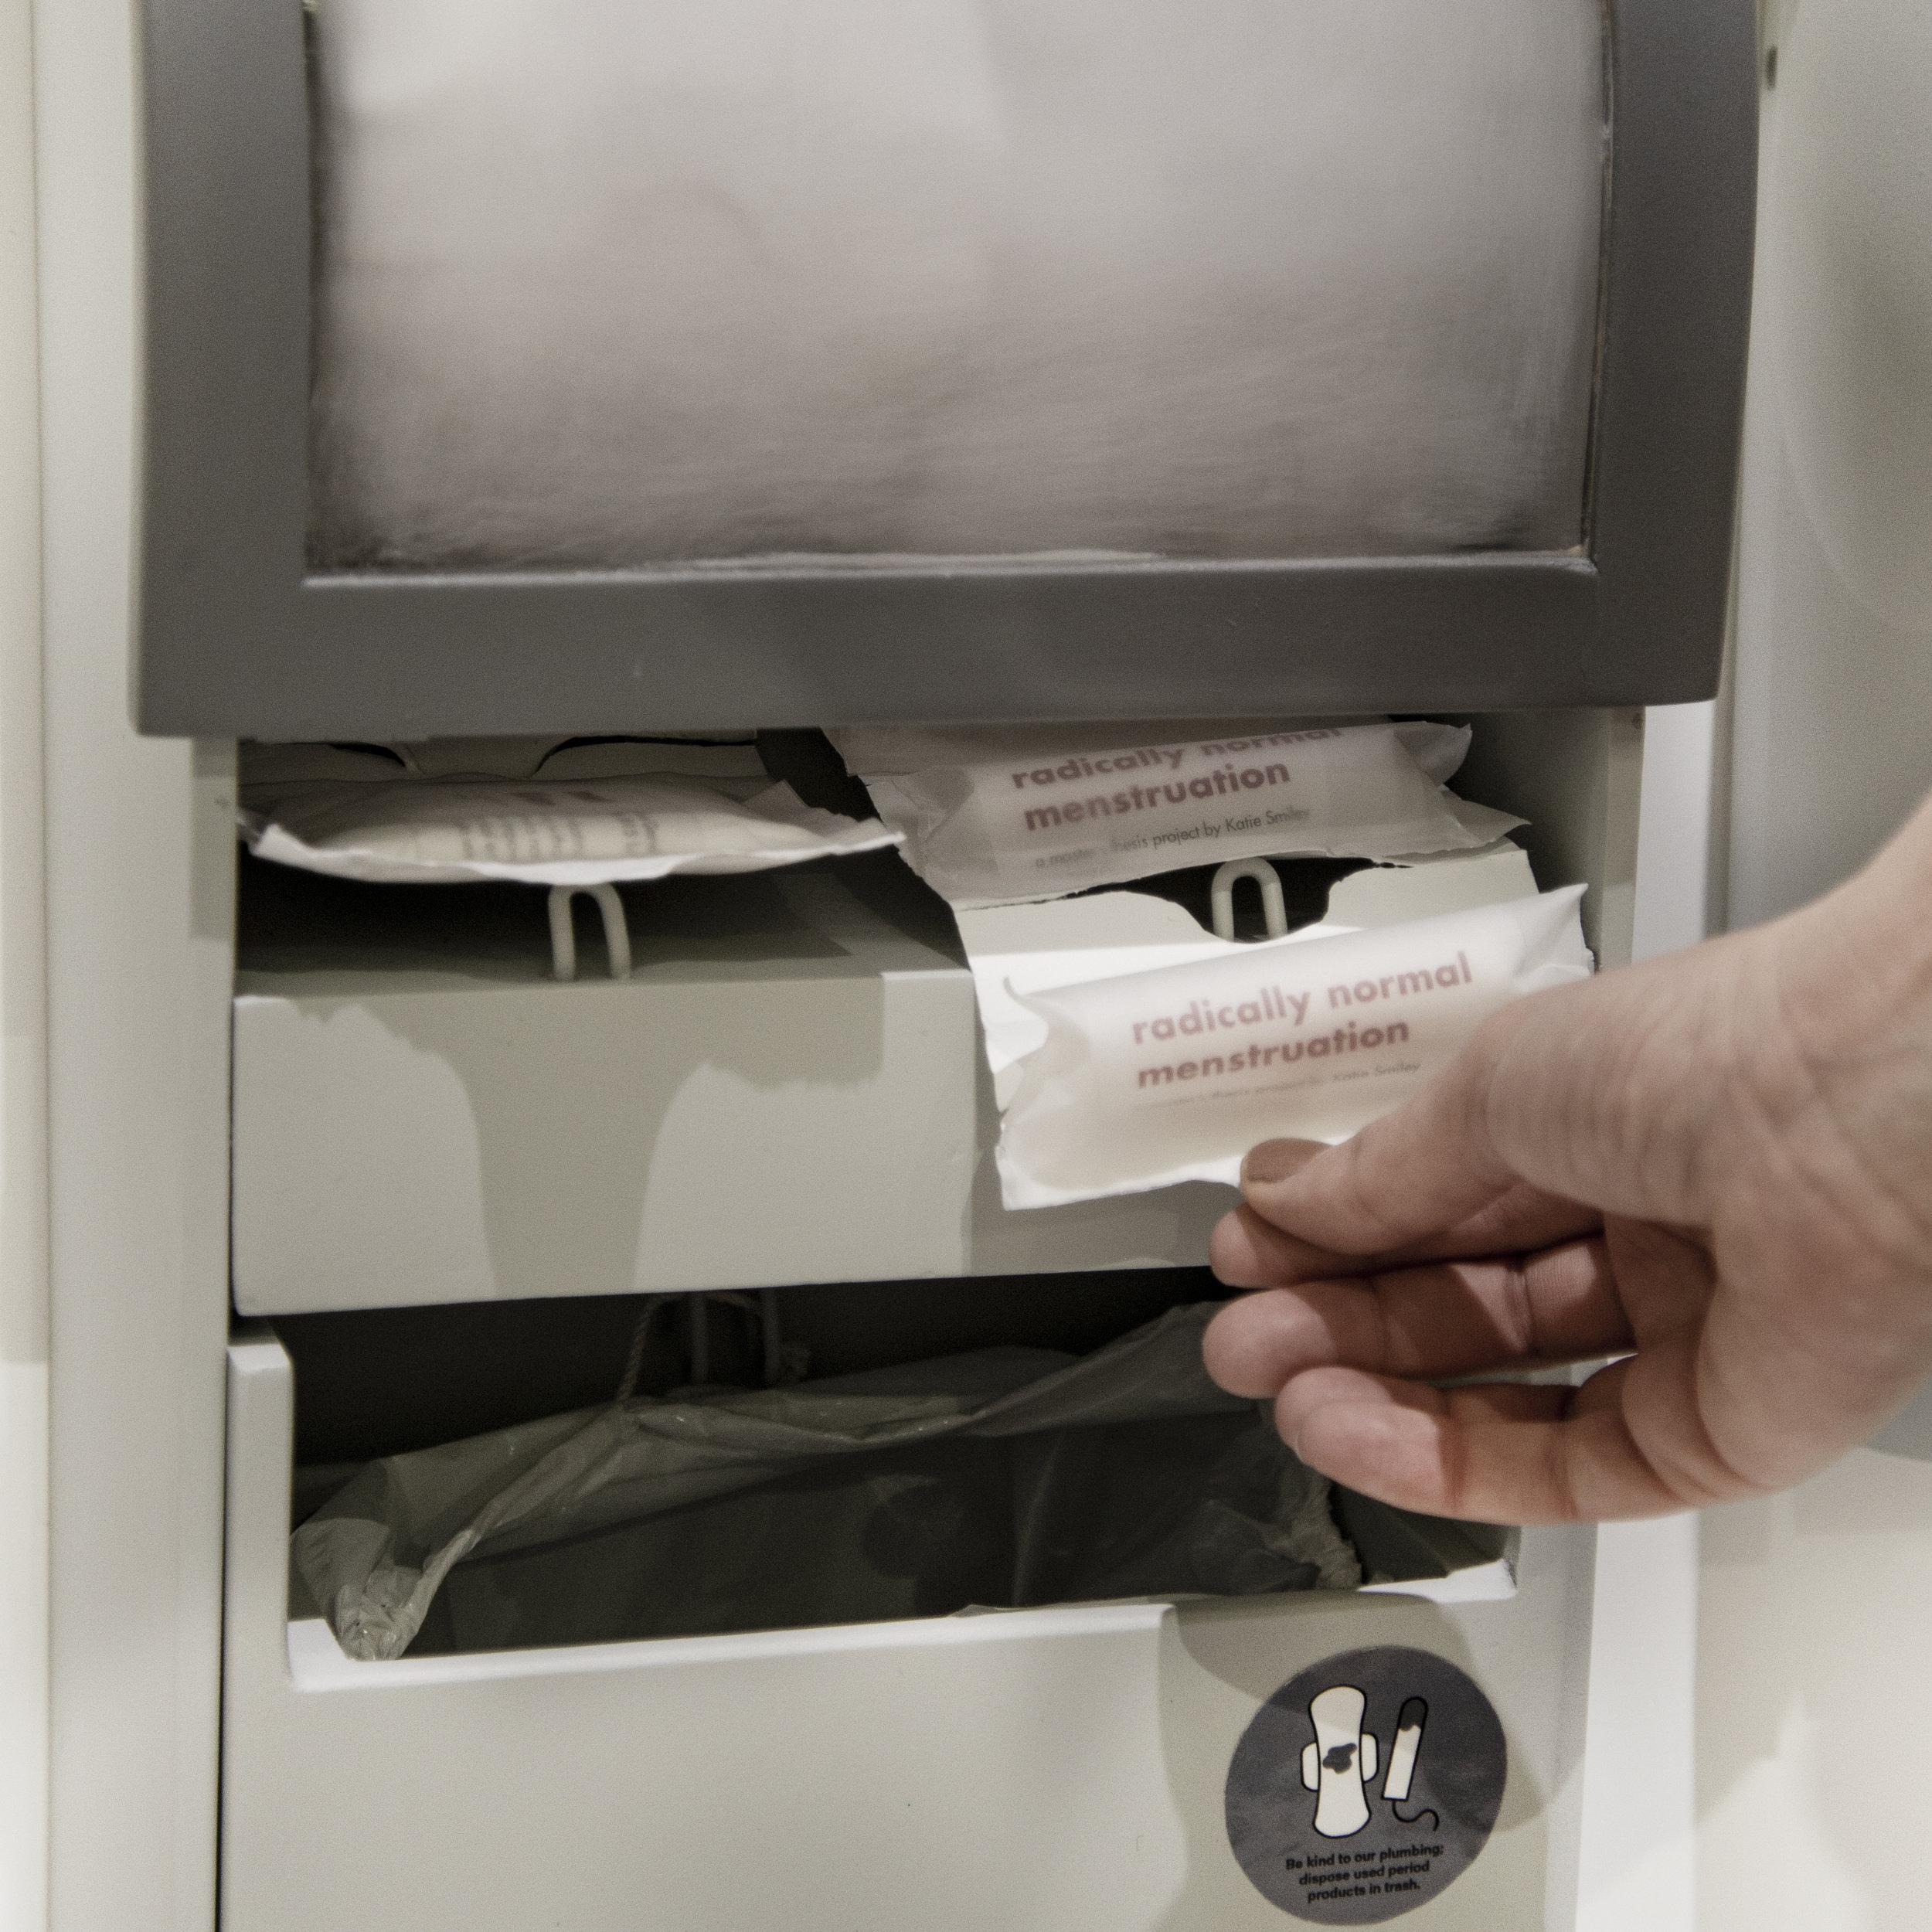 small_Dispenser Prototype 2.jpg